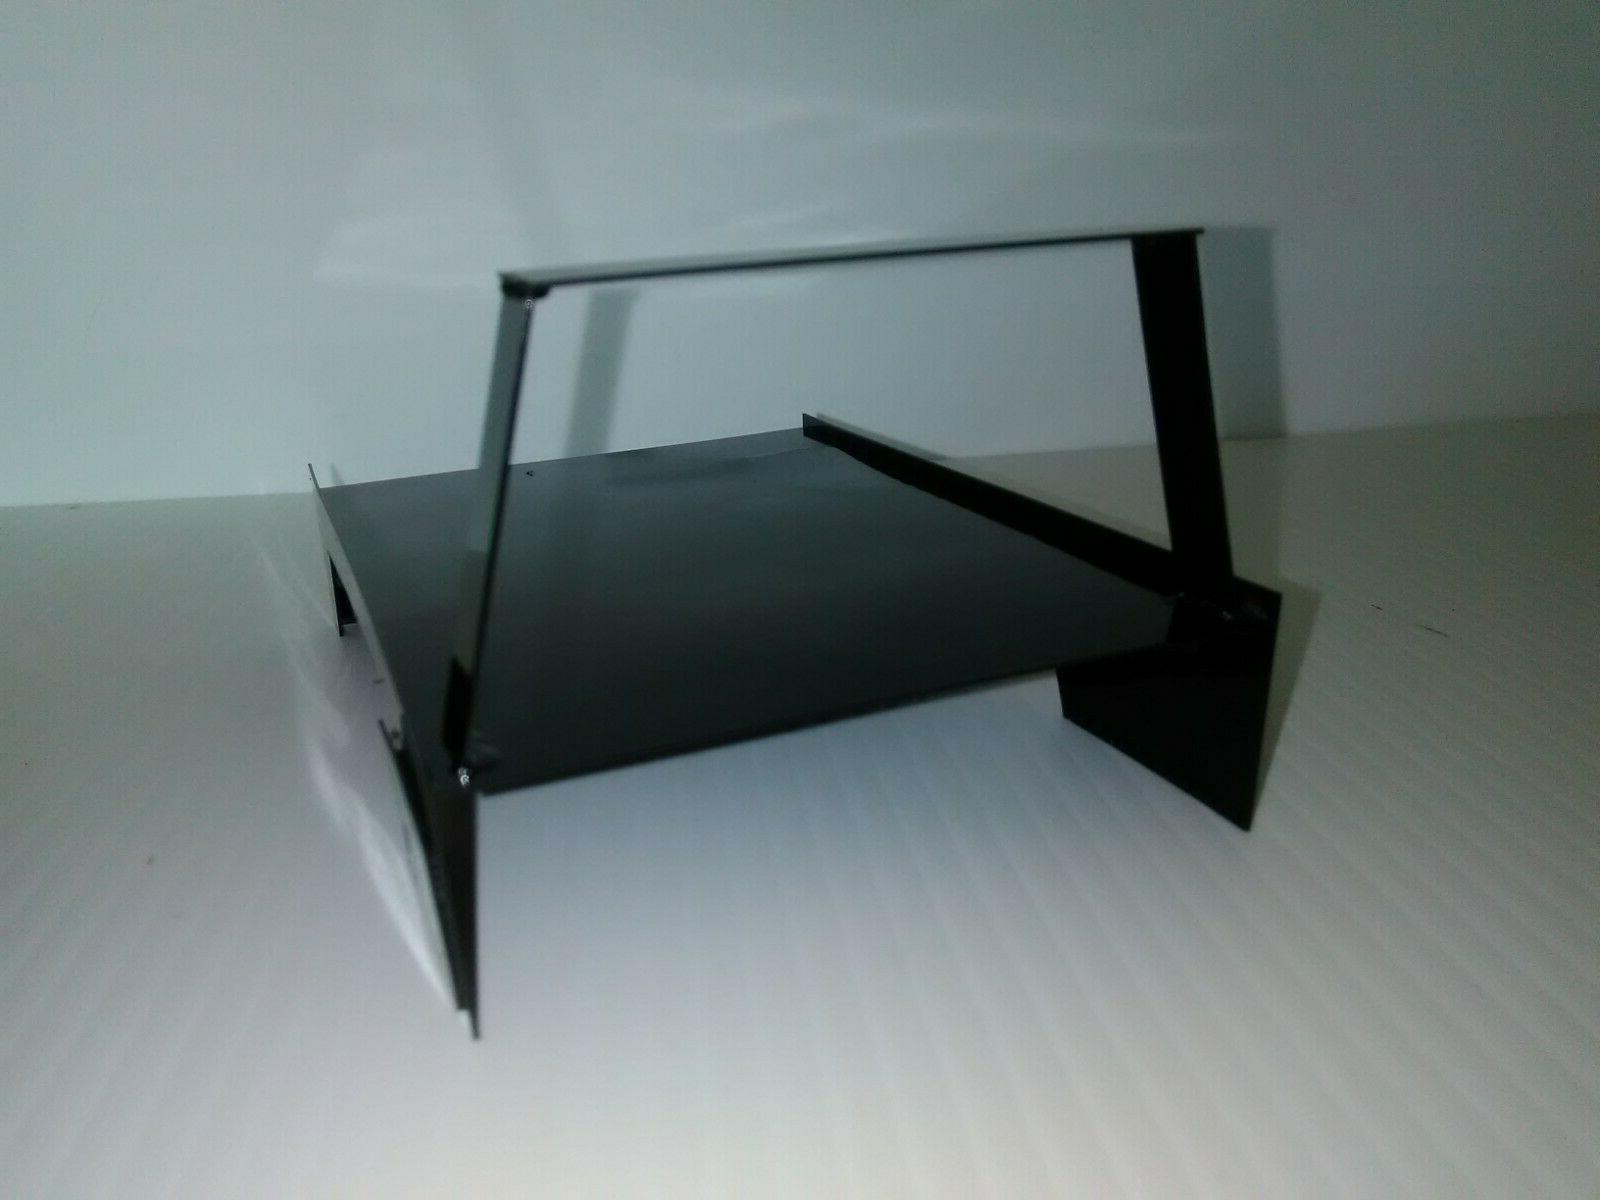 1/24 scratchbuilt kit flatbed workbed model